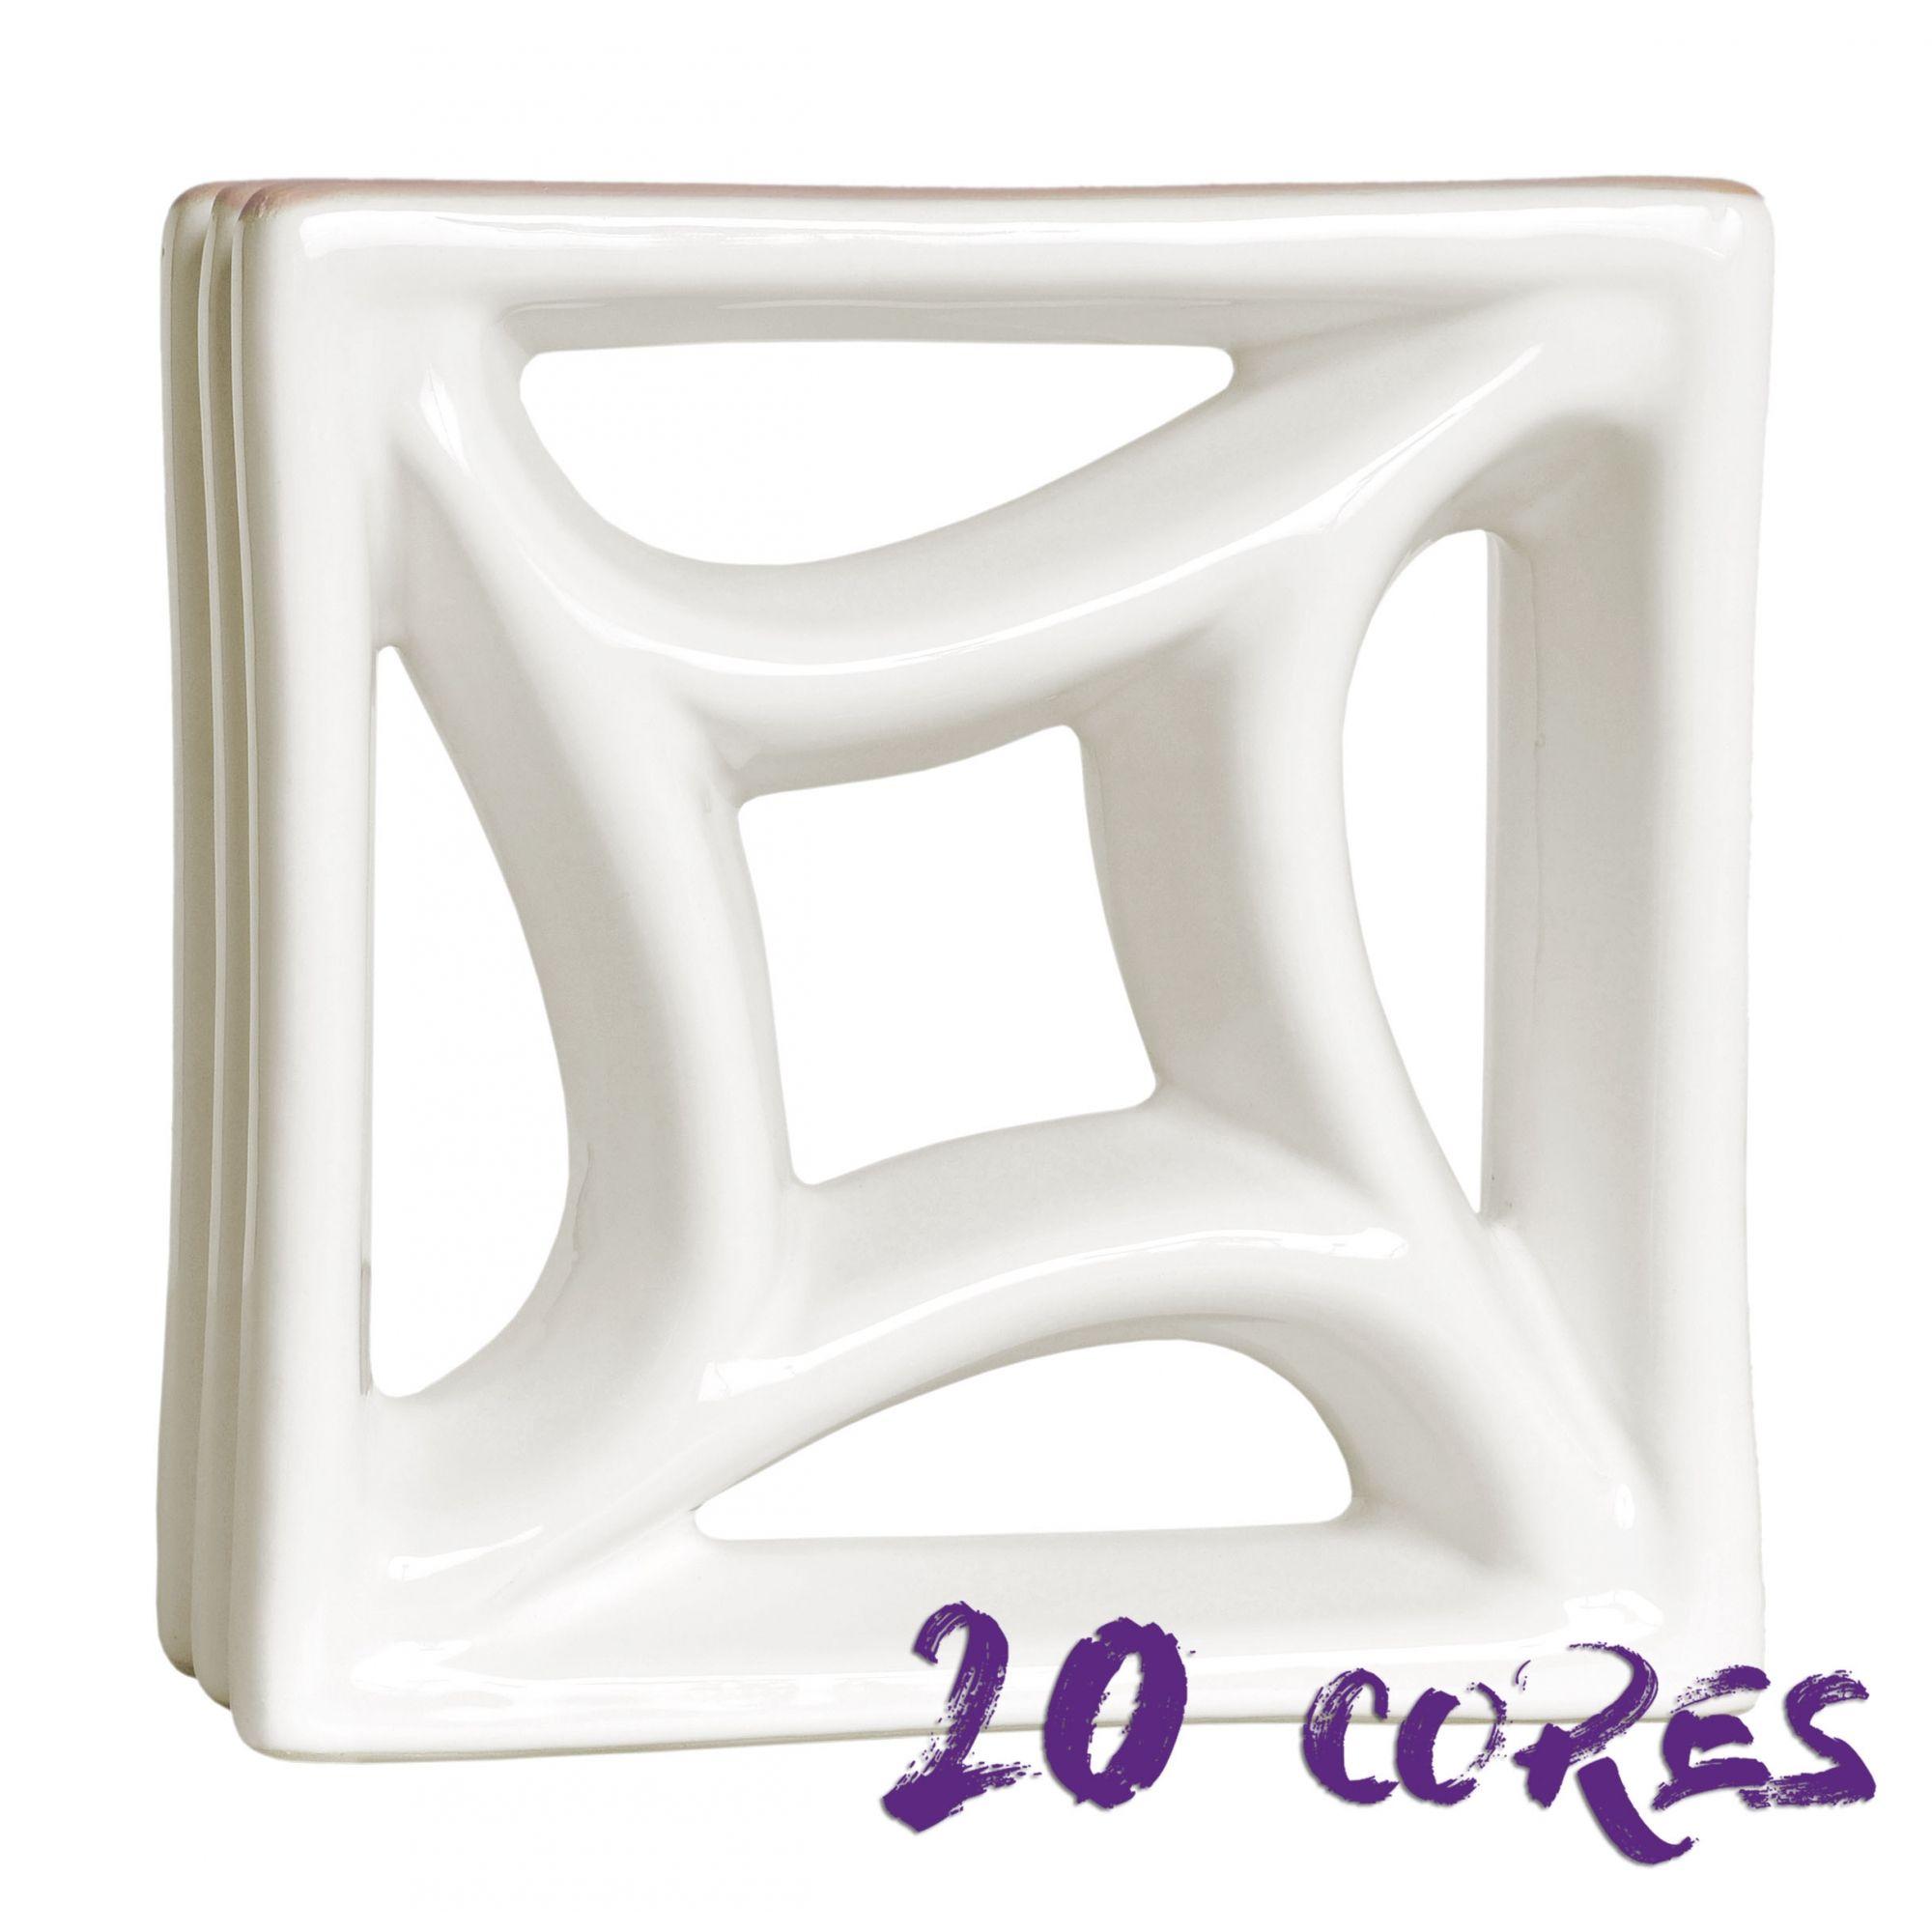 Cobogó Estrela do Mar - 20 cores - 20x20 cm